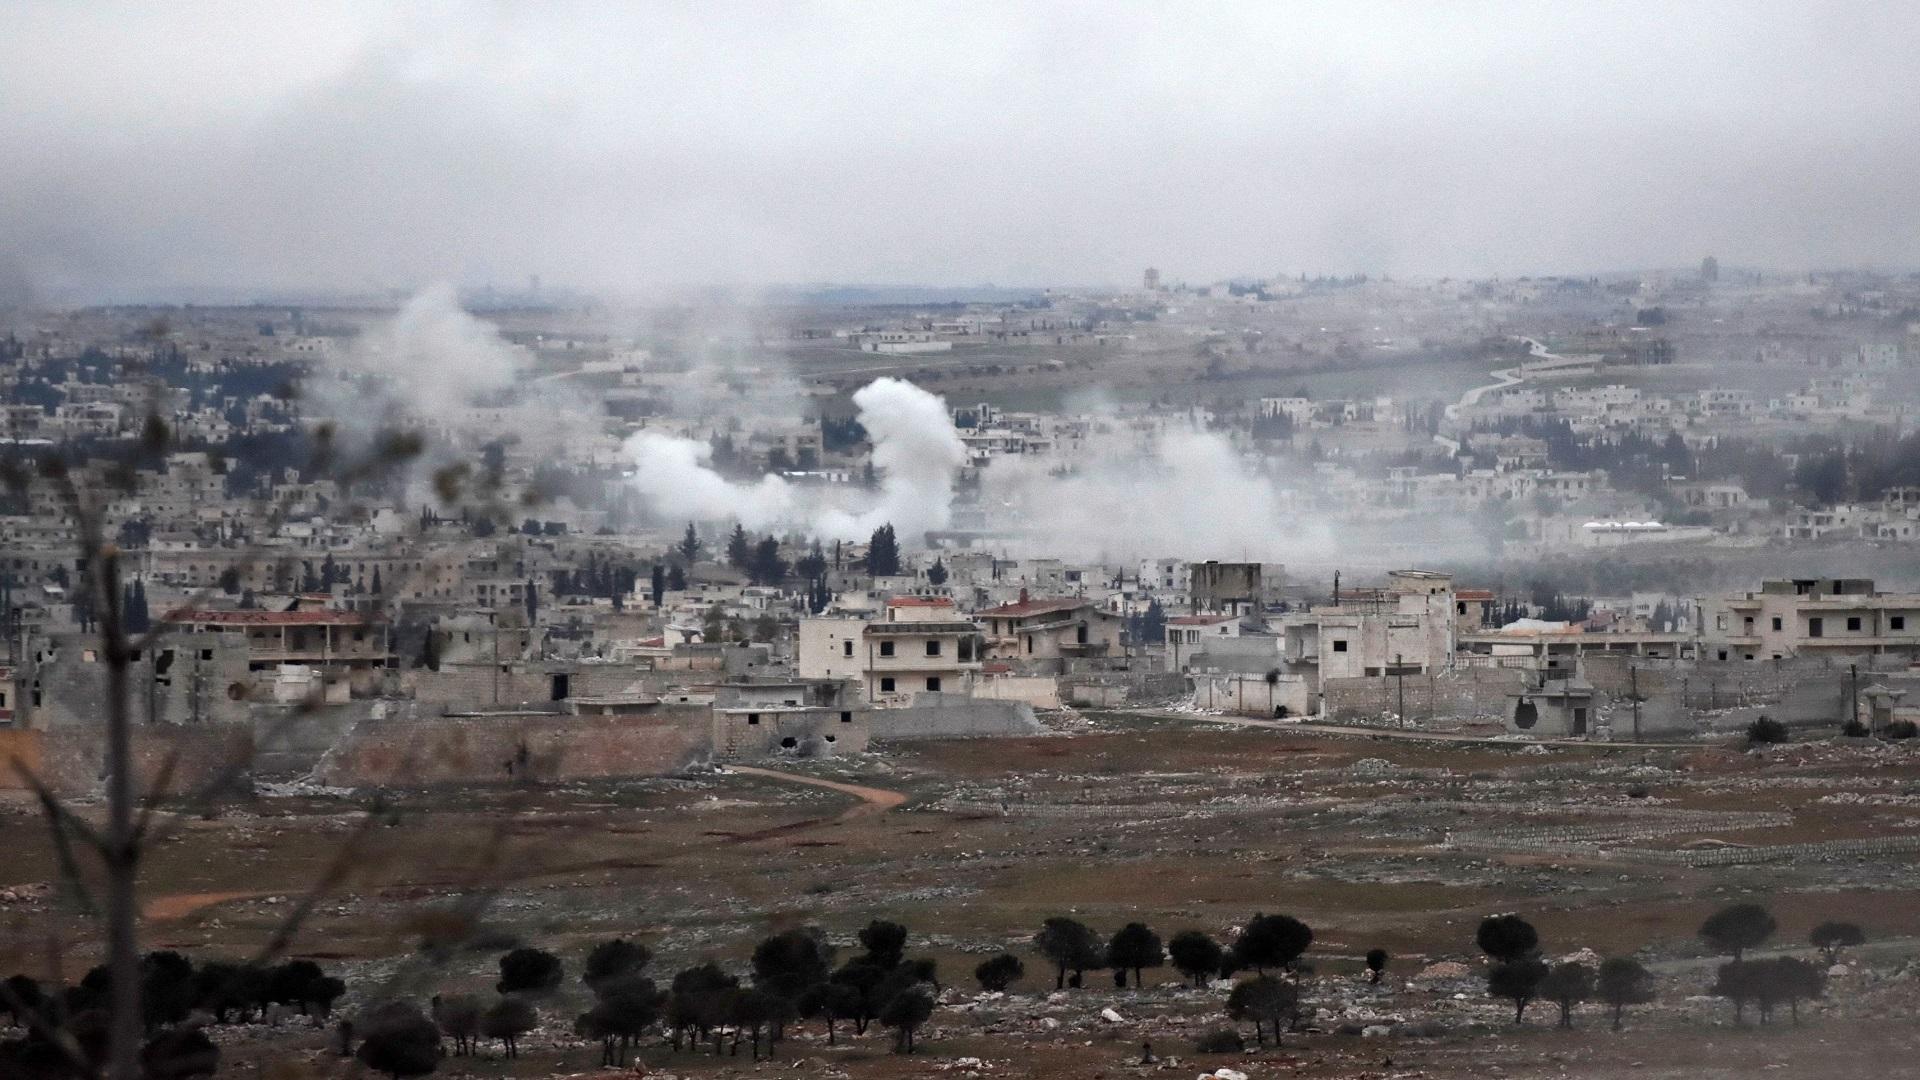 قوات النظام تشن هجوماً جديداً على محور الحدادة ... وتسعة قتلى خسائرها حتى الآن